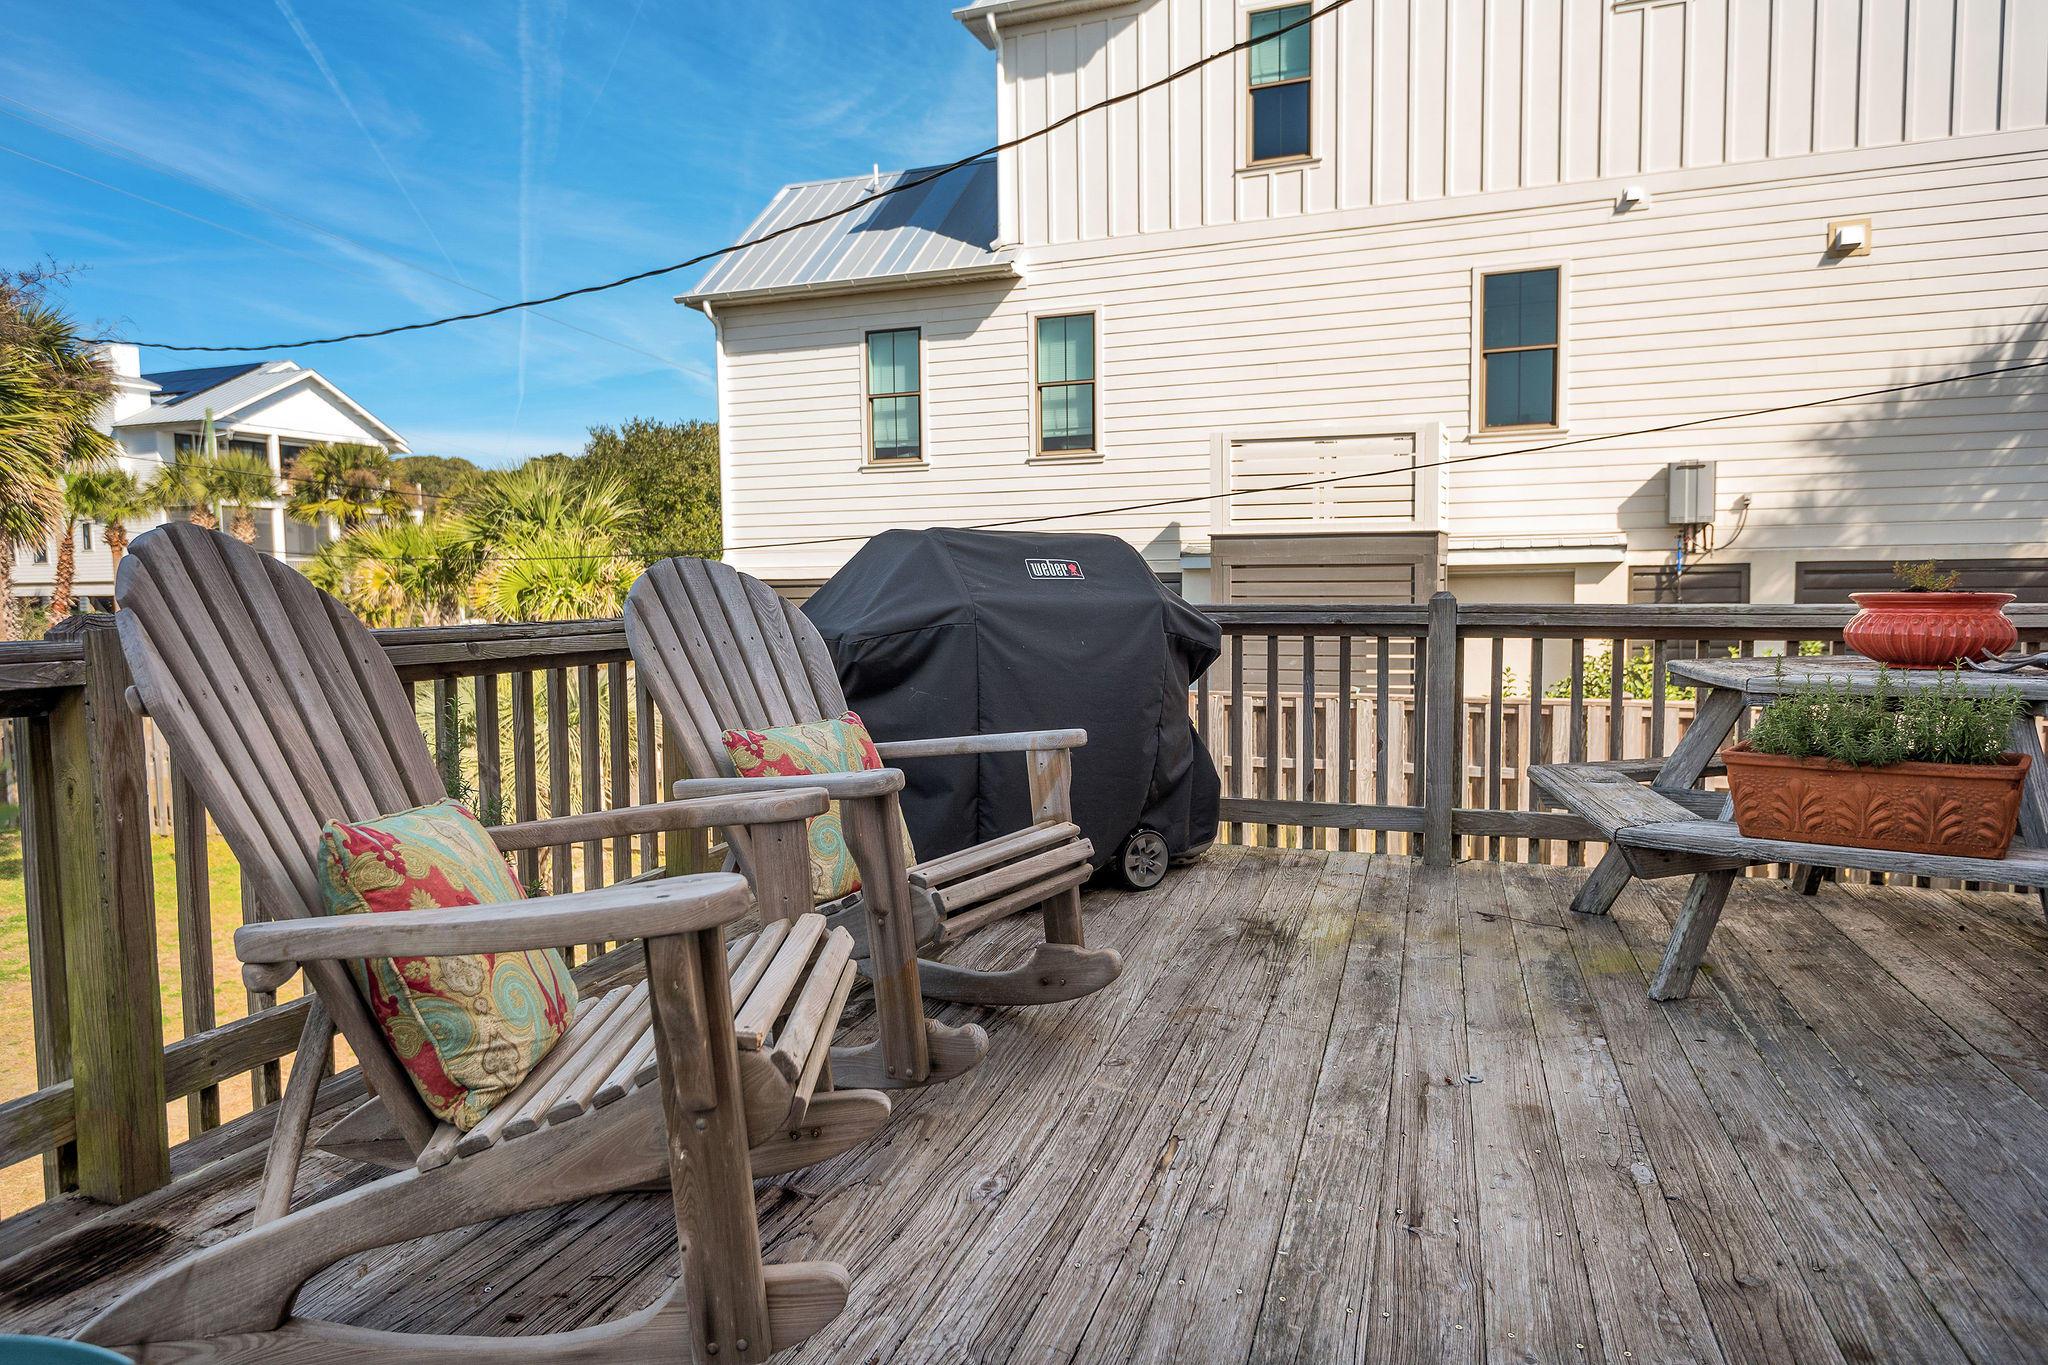 Folly Beach Homes For Sale - 509 Ashley, Folly Beach, SC - 88